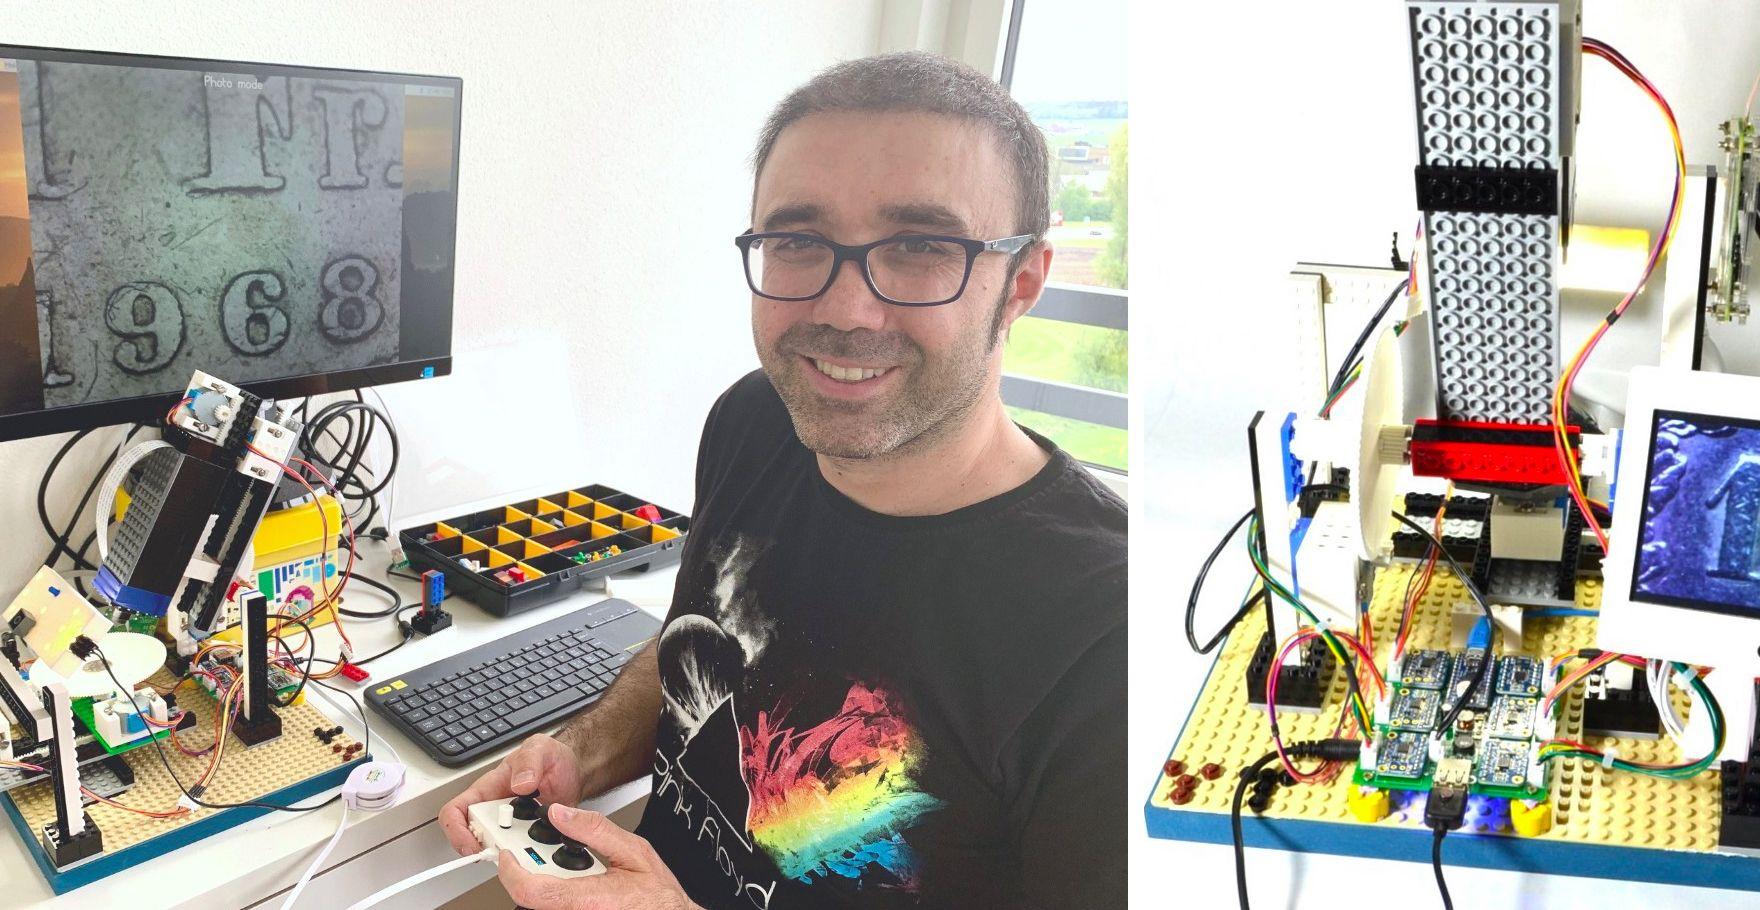 sur YT:  Microscope LEGO   Construisez un microscope avec LEGO et Raspberry Pi  infos